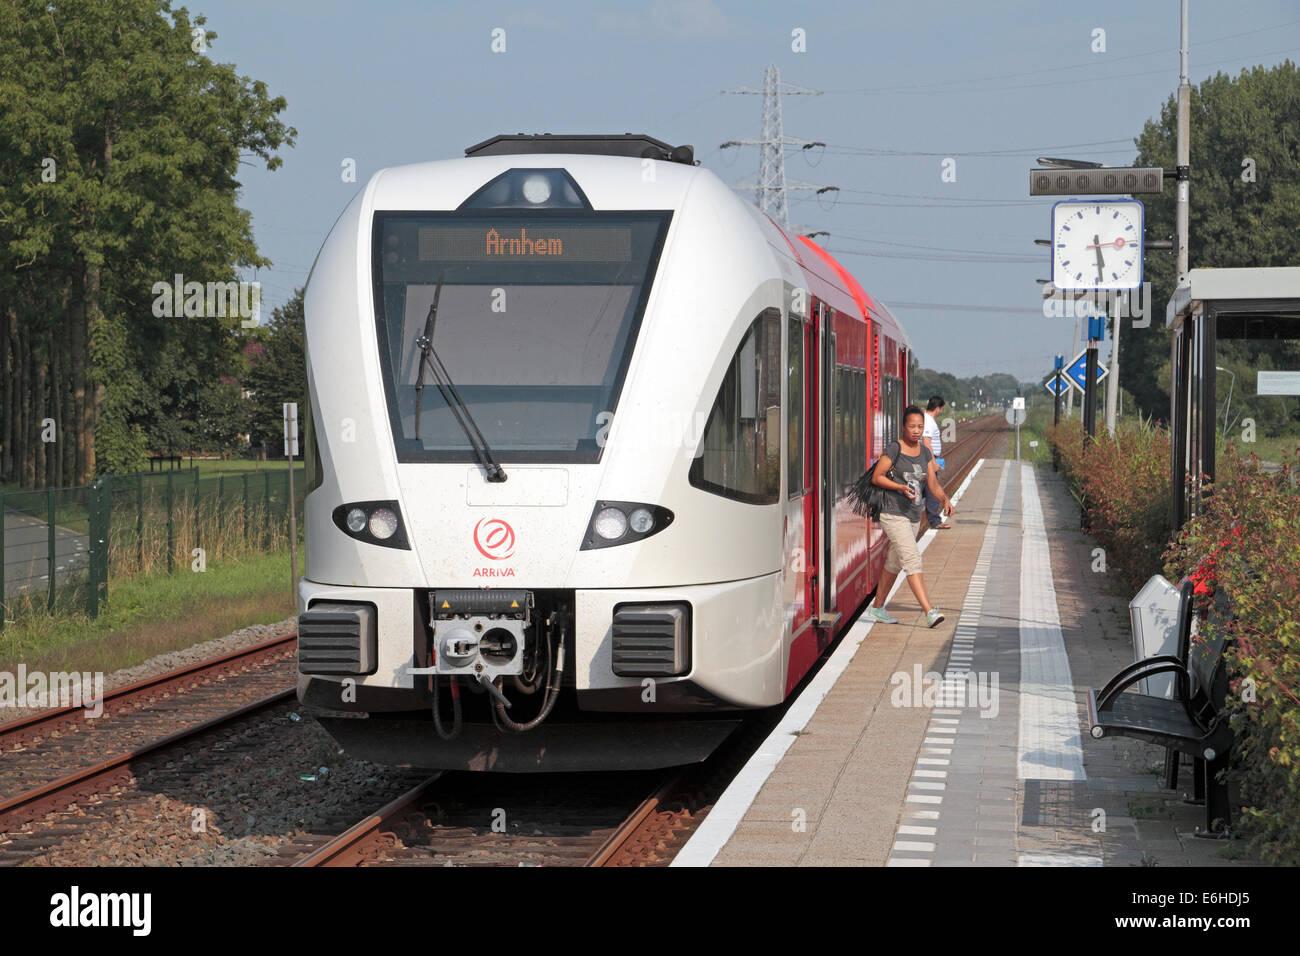 An Arriva Netherlands 'Spurt' train stopped at Opheusden station, Gelderland, Netherlands. - Stock Image